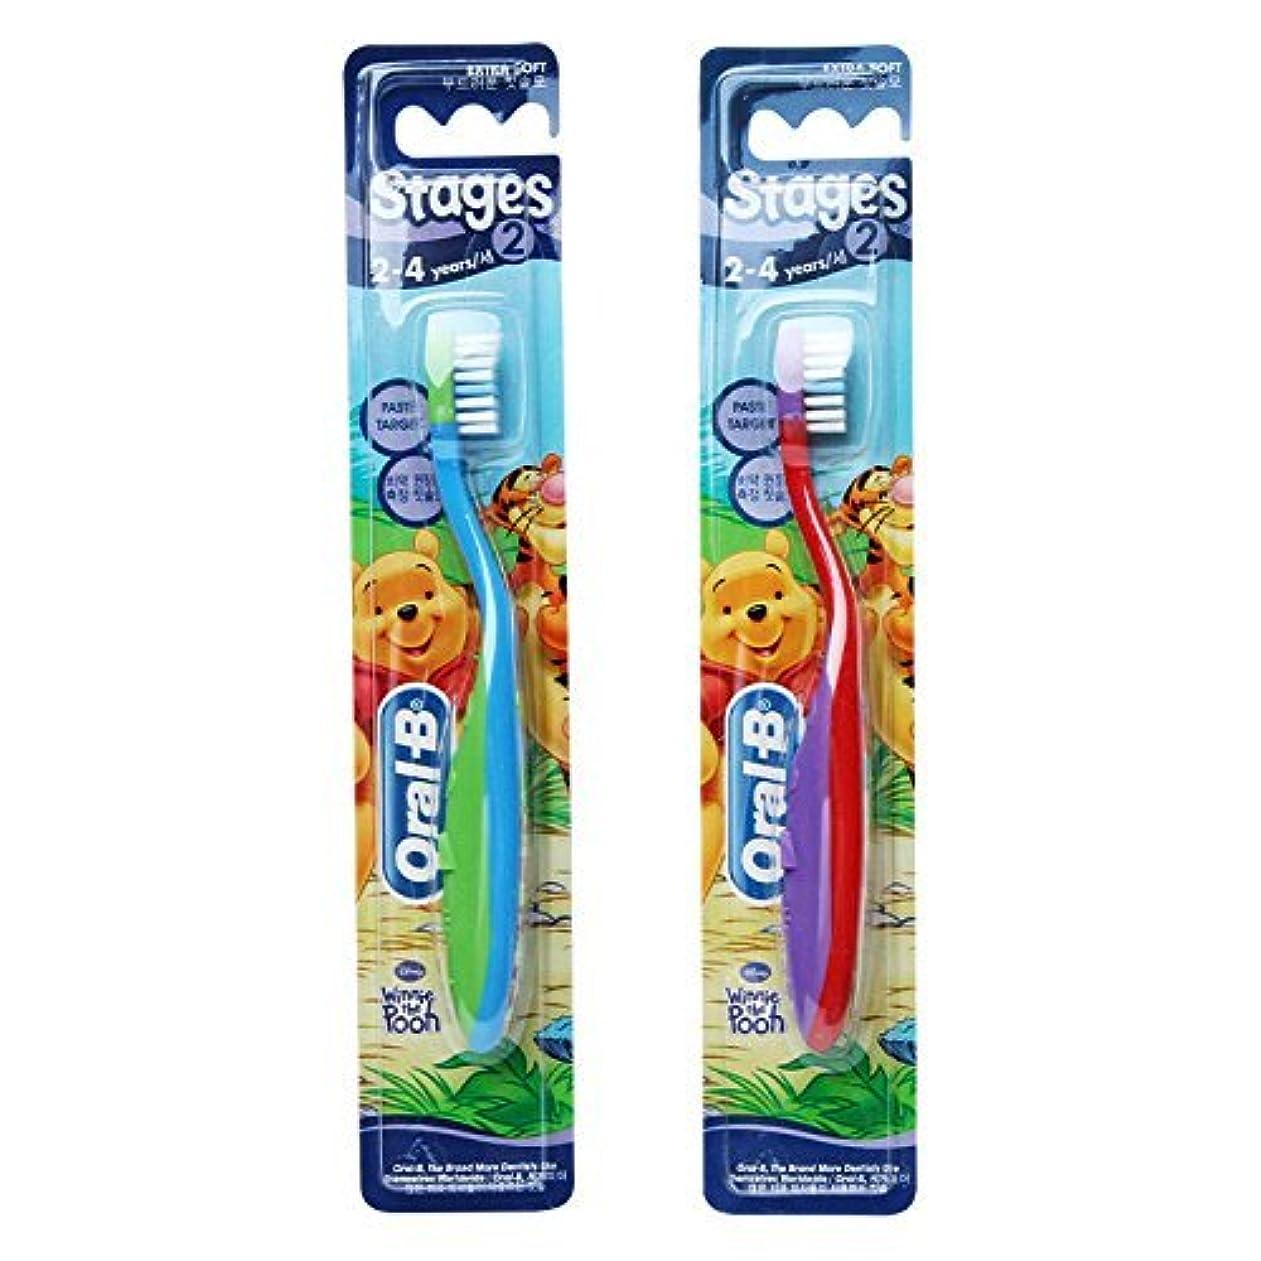 に沿ってほとんどない許容できるOral-B Stages 2 Toothbrush 2 - 4 years 2 Pack /GENUINEと元の梱包 [並行輸入品]